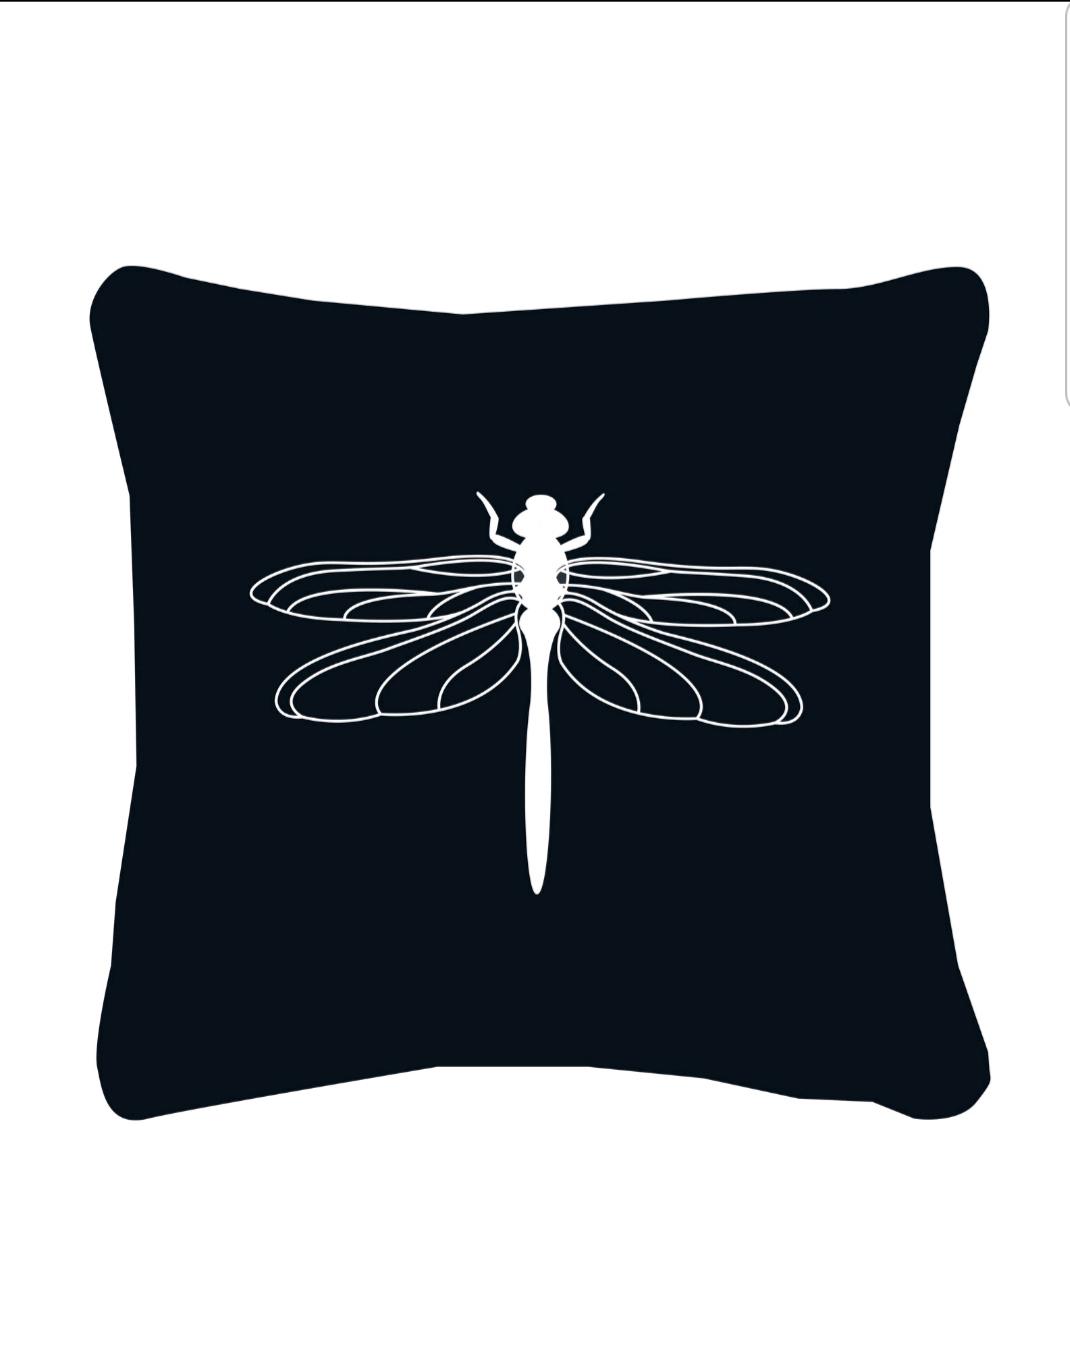 Buitenkussen zwart met witte libelle van Zoedt